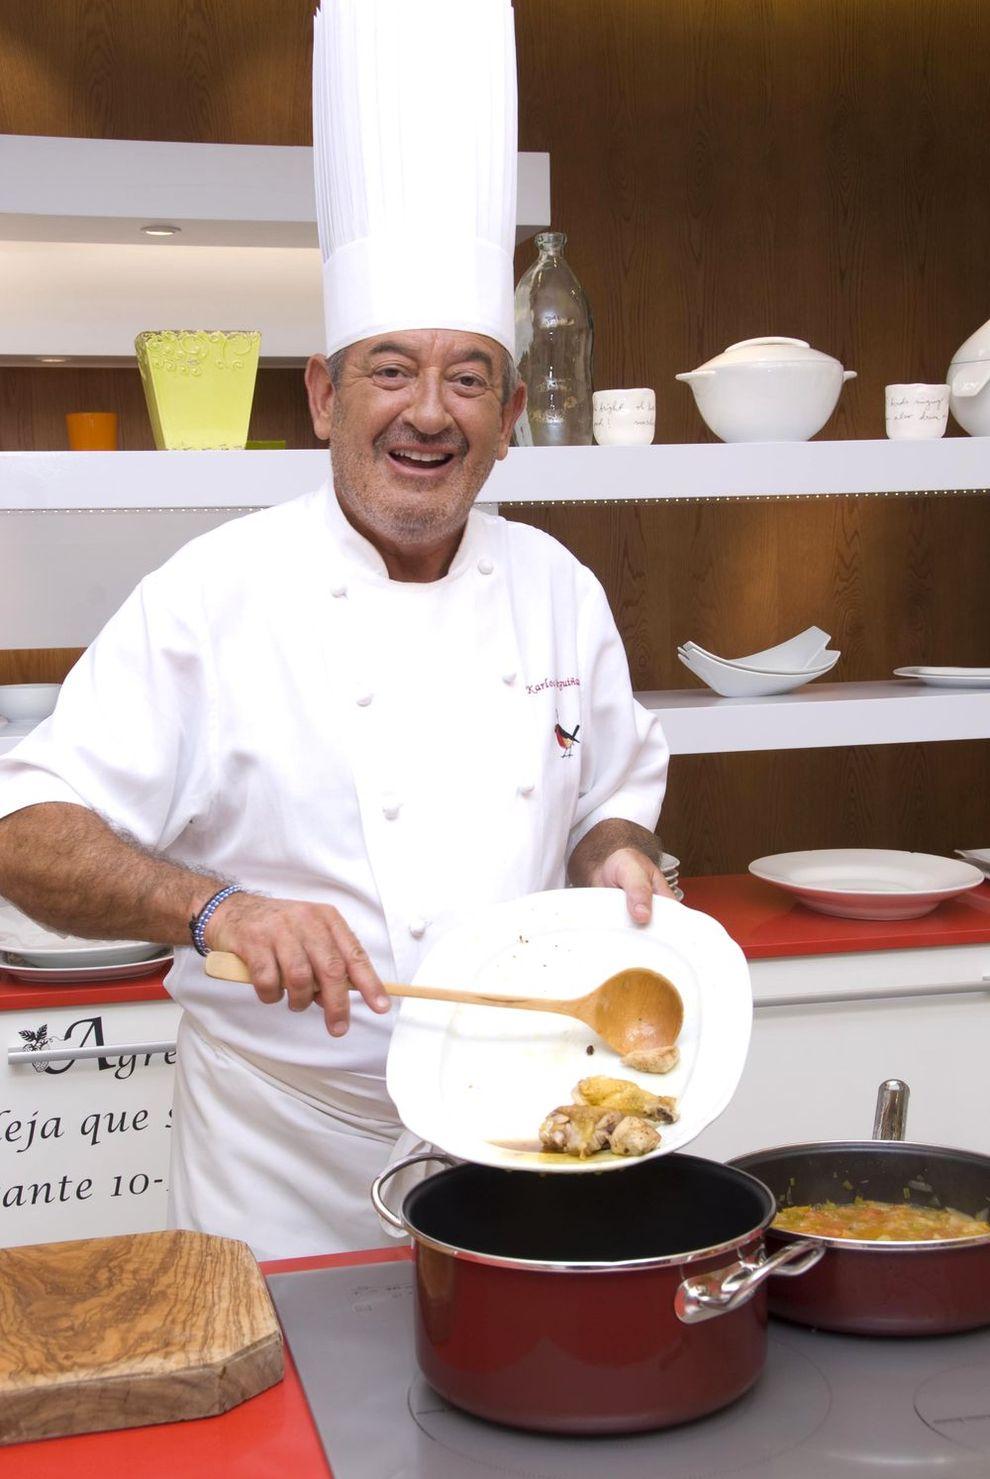 Karlos argui ano vuelve este lunes a la cocina de antena 3 for Cocina carlos arguinano